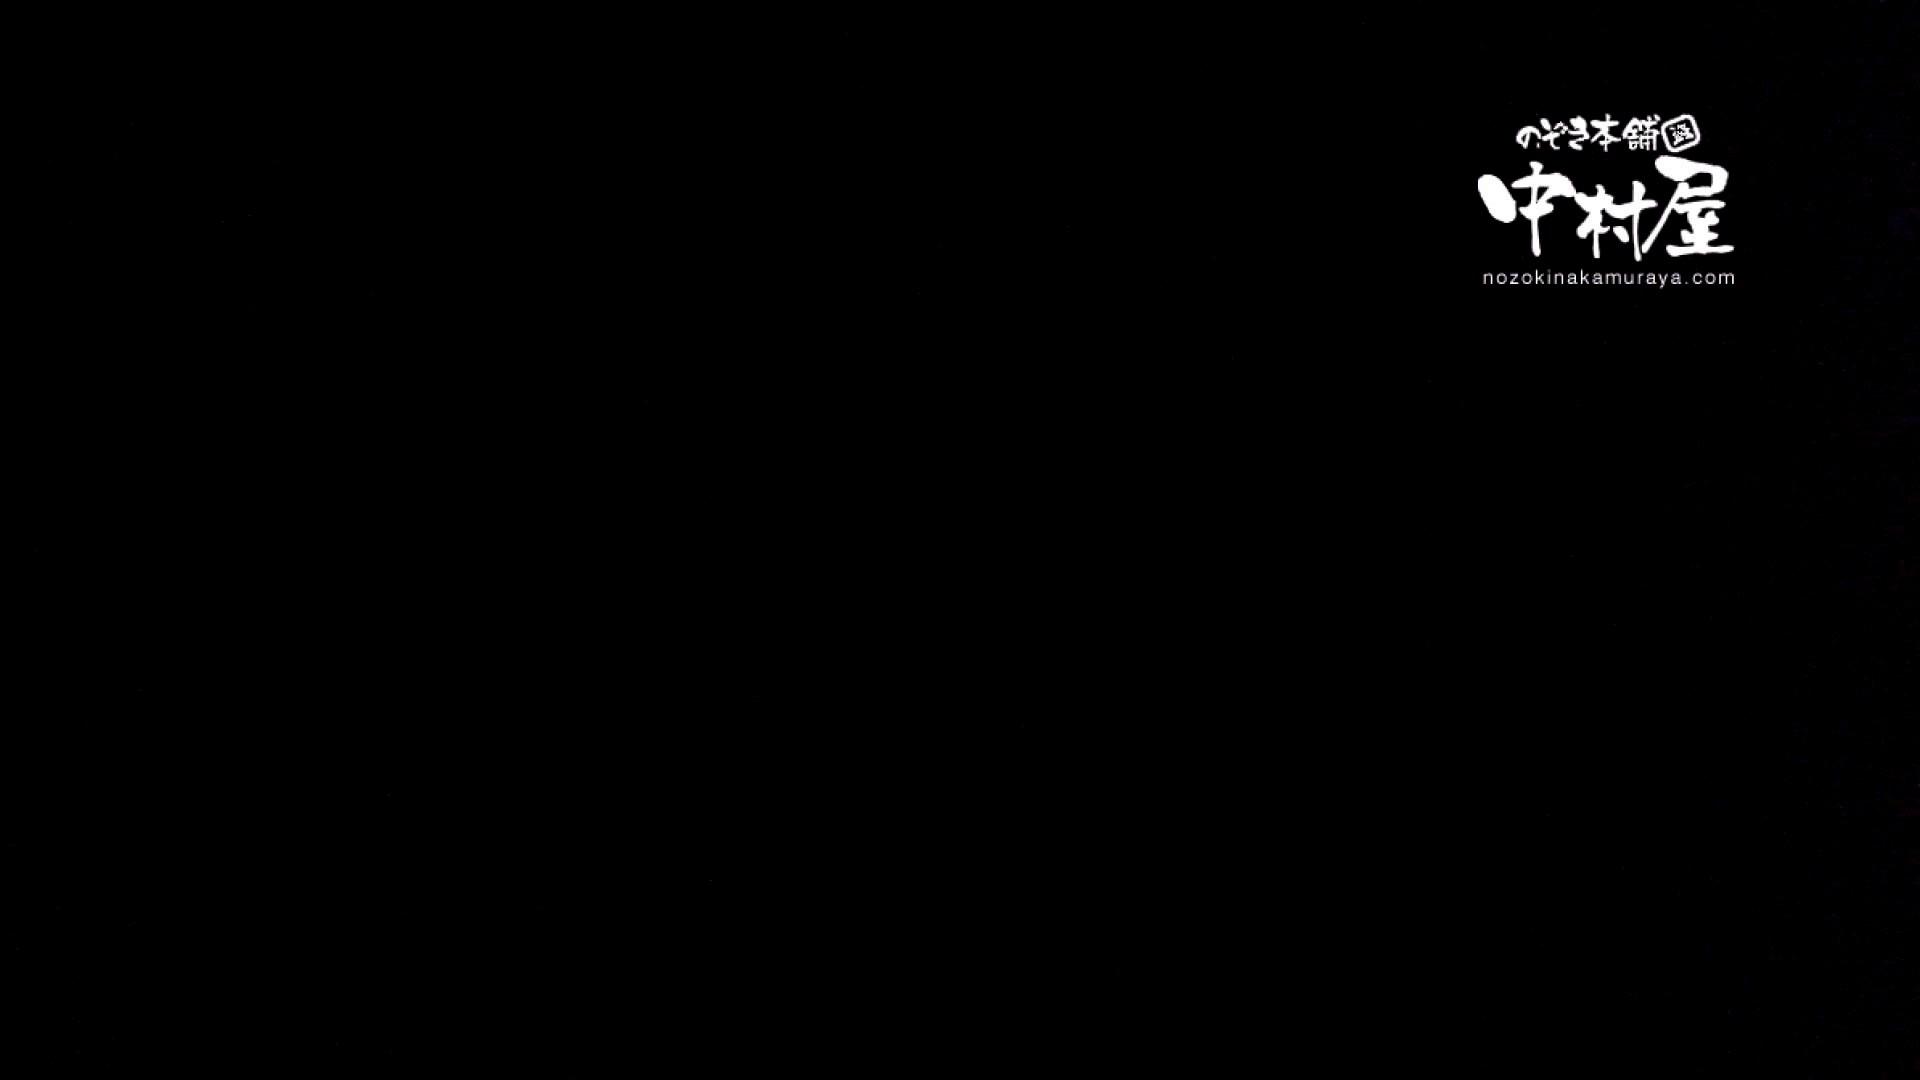 鬼畜 vol.16 実はマンざらでもない柔らかおっぱいちゃん 前編 鬼畜 | OLの実態  67pic 43